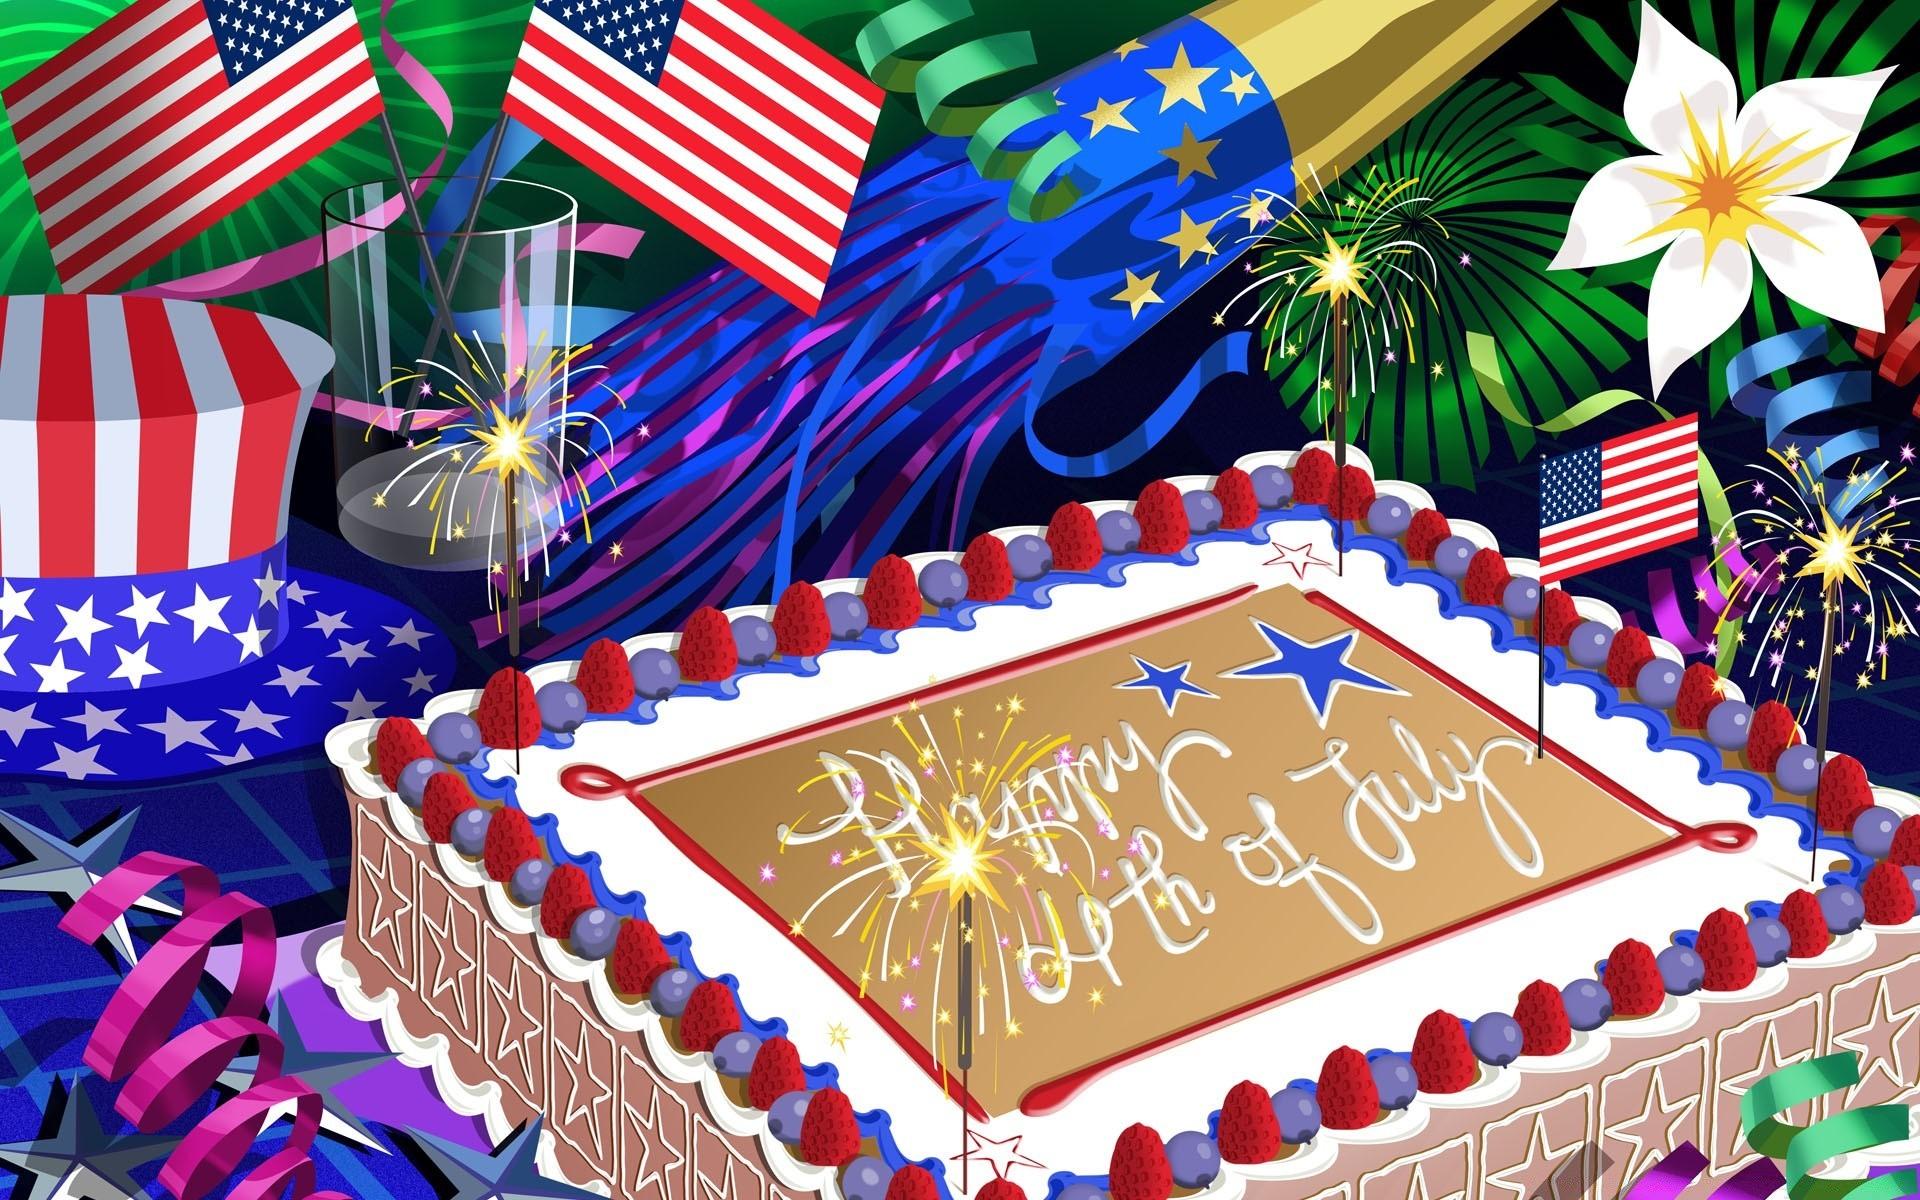 Открытки с днем рождения американцу, анекдоты картинка открытки